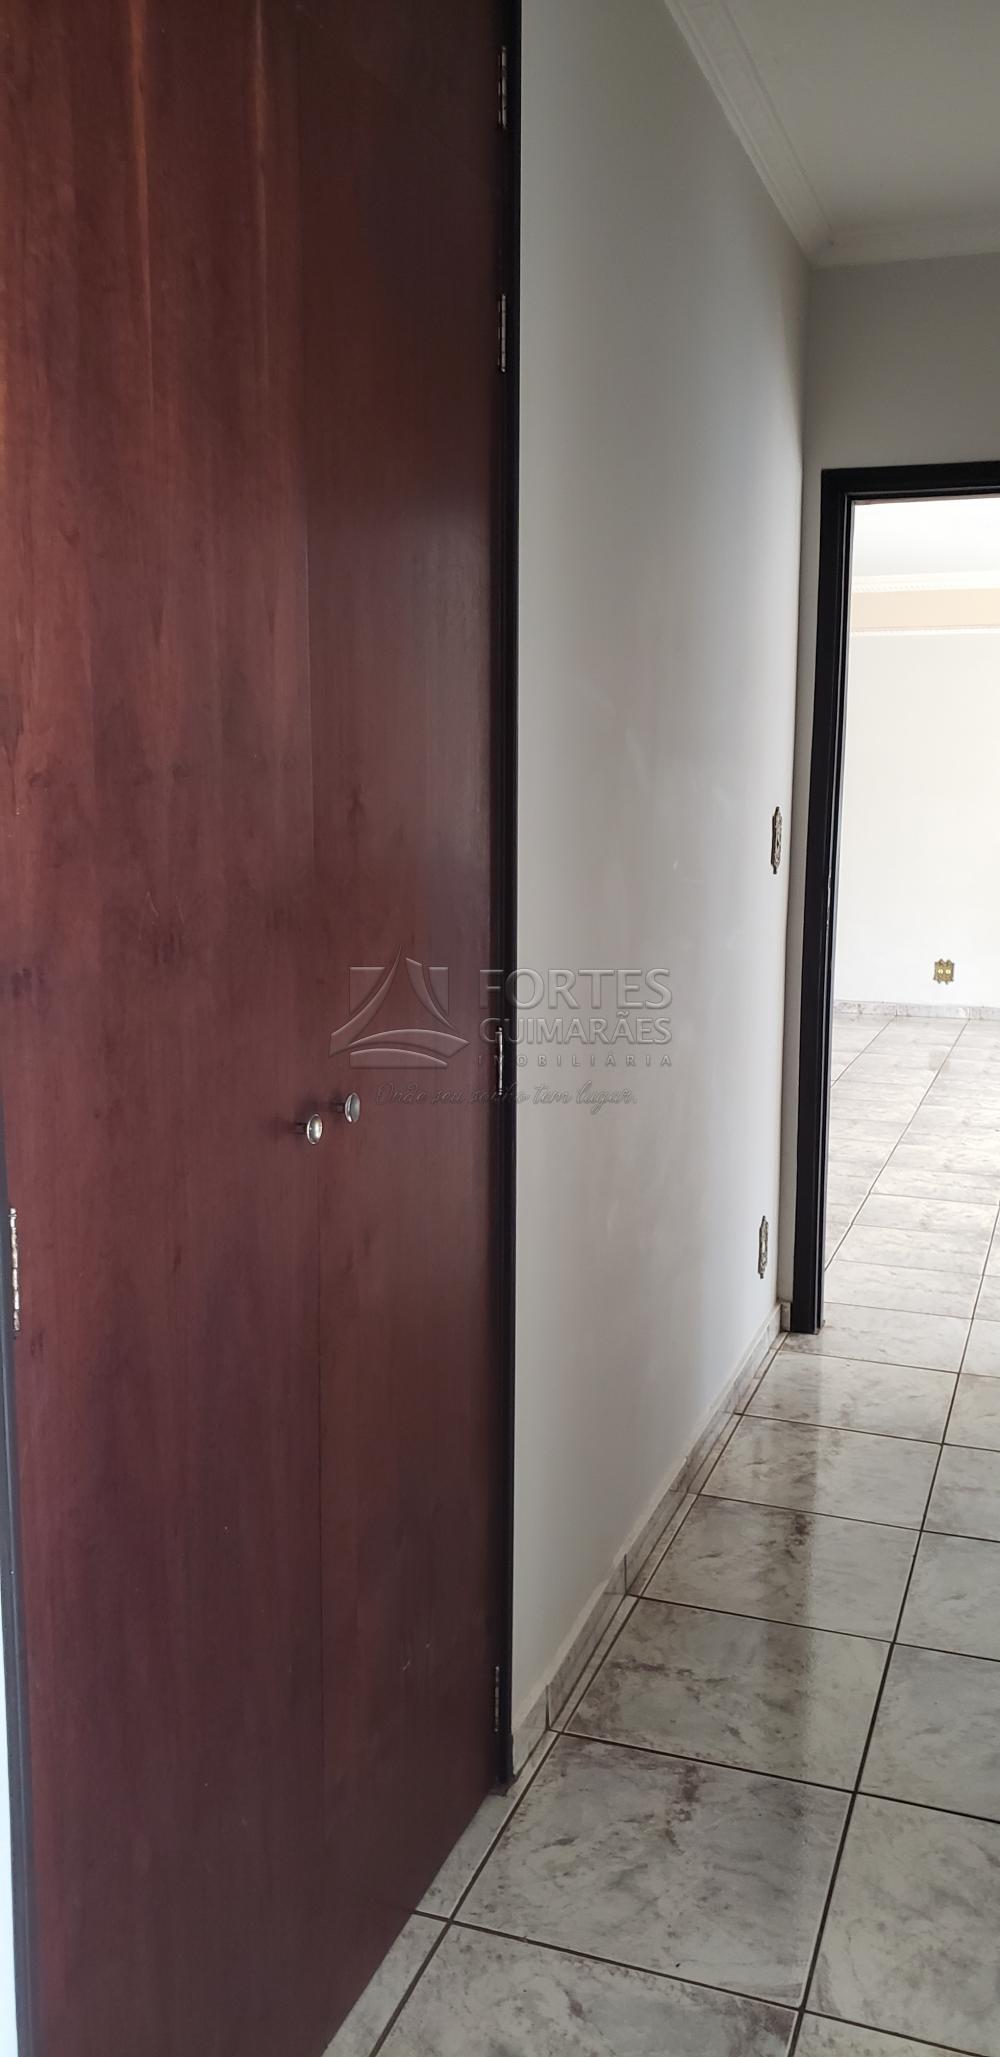 Alugar Apartamentos / Padrão em Ribeirão Preto apenas R$ 1.100,00 - Foto 23